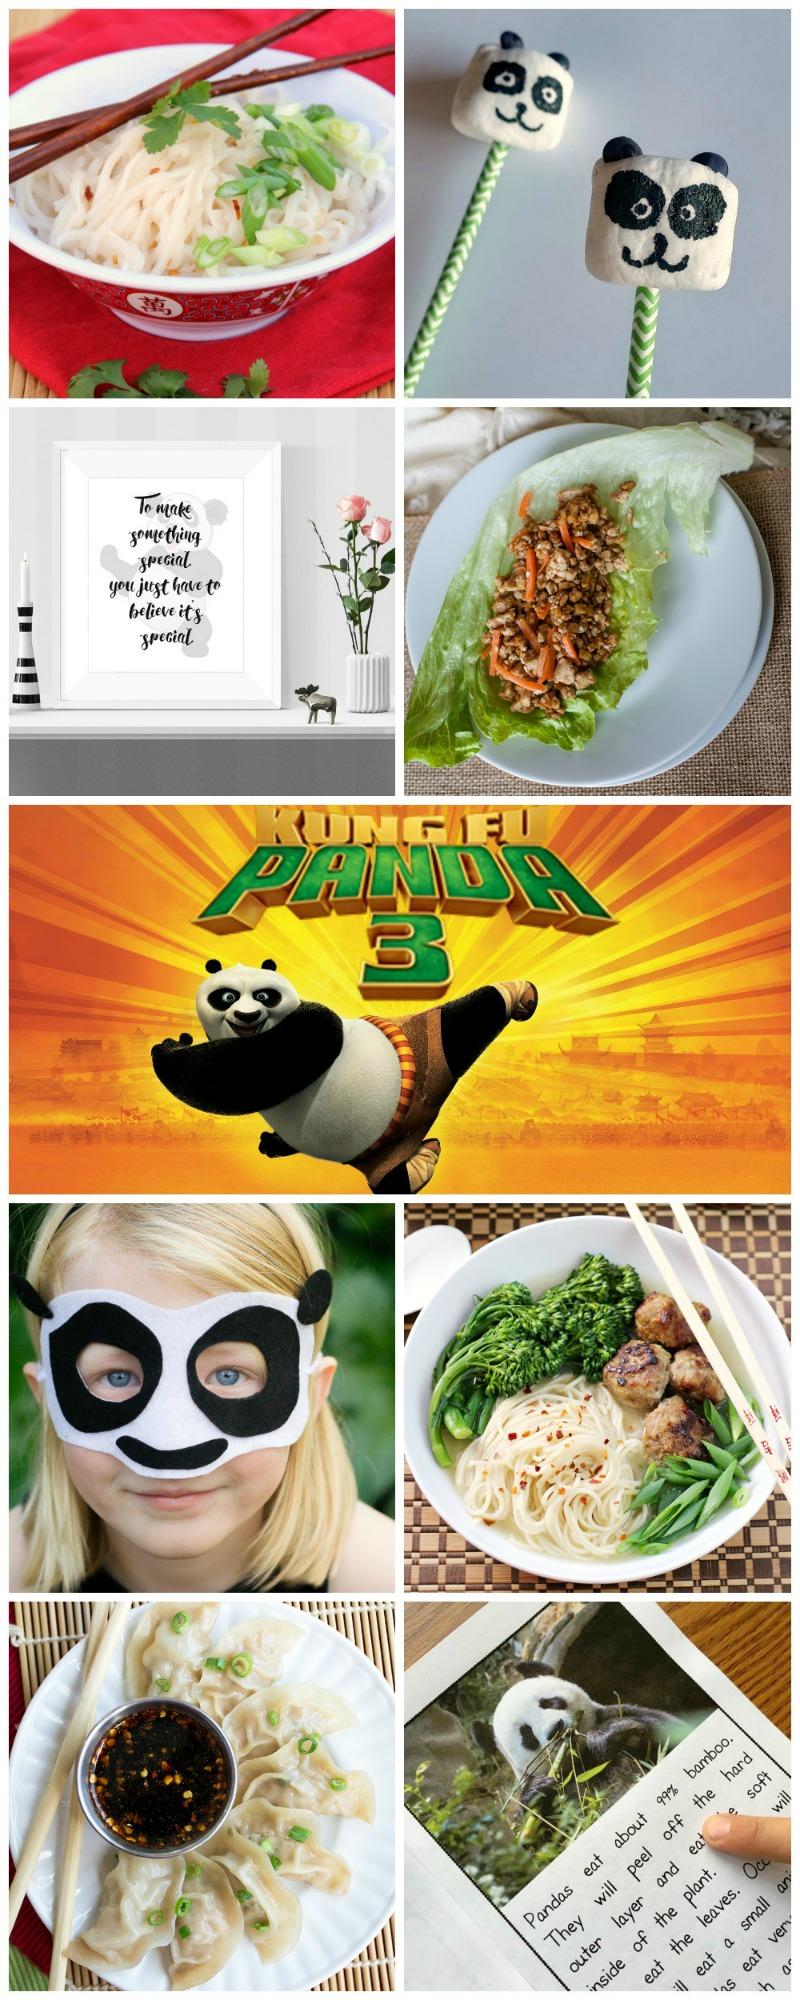 Kung Fu Panda 3 recipes, crafts, and more!